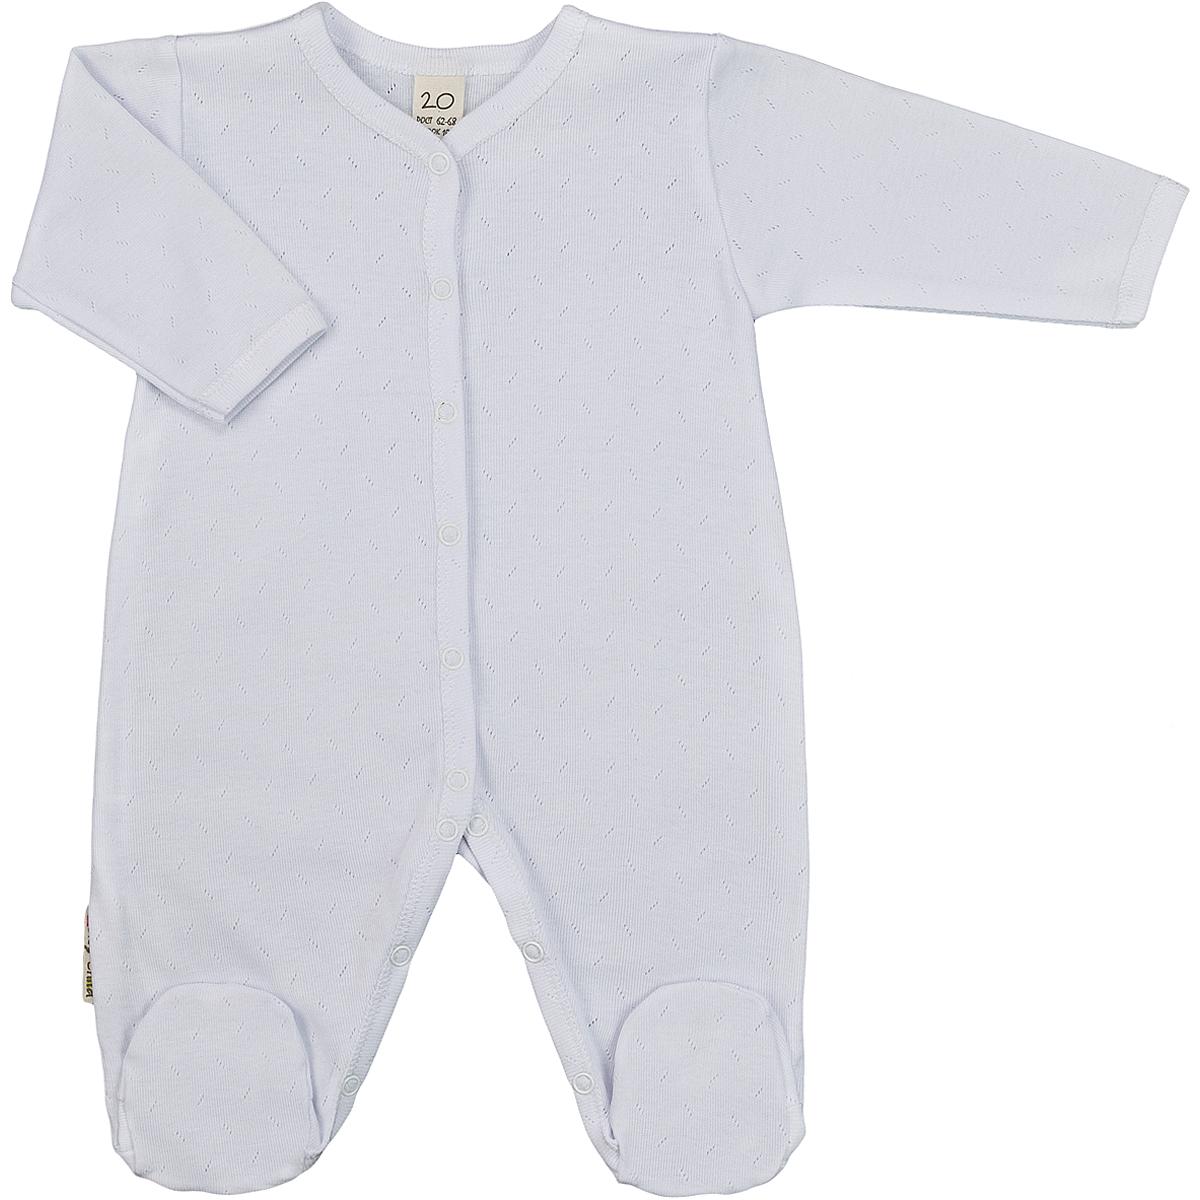 Комбинезон детский Lucky Child Ажур, цвет: белый. 0-12. Размер 80/860-12Детский комбинезон Lucky Child - очень удобный и практичный вид одежды для малышей. Комбинезон выполнен из натурального хлопка, благодаря чему он необычайно мягкий и приятный на ощупь, не раздражают нежную кожу ребенка и хорошо вентилируются, а эластичные швы приятны телу малыша и не препятствуют его движениям. Комбинезон с длинными рукавами и закрытыми ножками имеет застежки-кнопки от горловины до щиколоток, которые помогают легко переодеть младенца или сменить подгузник.Модель выполнена из ткани с ажурным узором. С детским комбинезоном Lucky Child спинка и ножки вашего малыша всегда будут в тепле, он идеален для использования днем и незаменим ночью. Комбинезон полностью соответствует особенностям жизни младенца в ранний период, не стесняя и не ограничивая его в движениях!